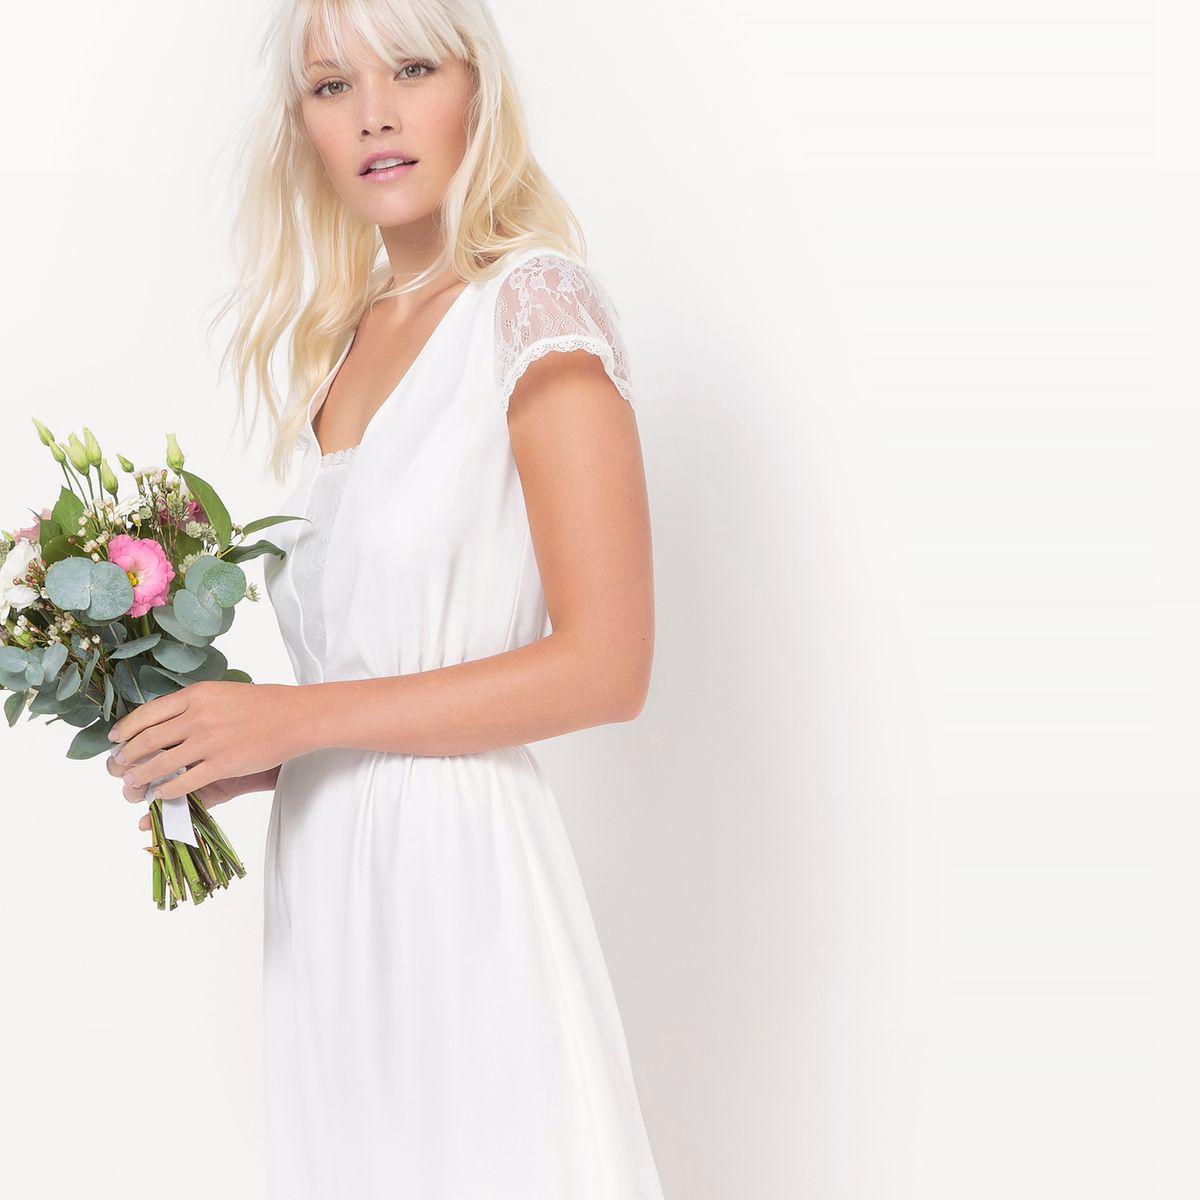 Robe de mari e pas cher les plus belles robes de mari e for Prix de robe de mariage nicole